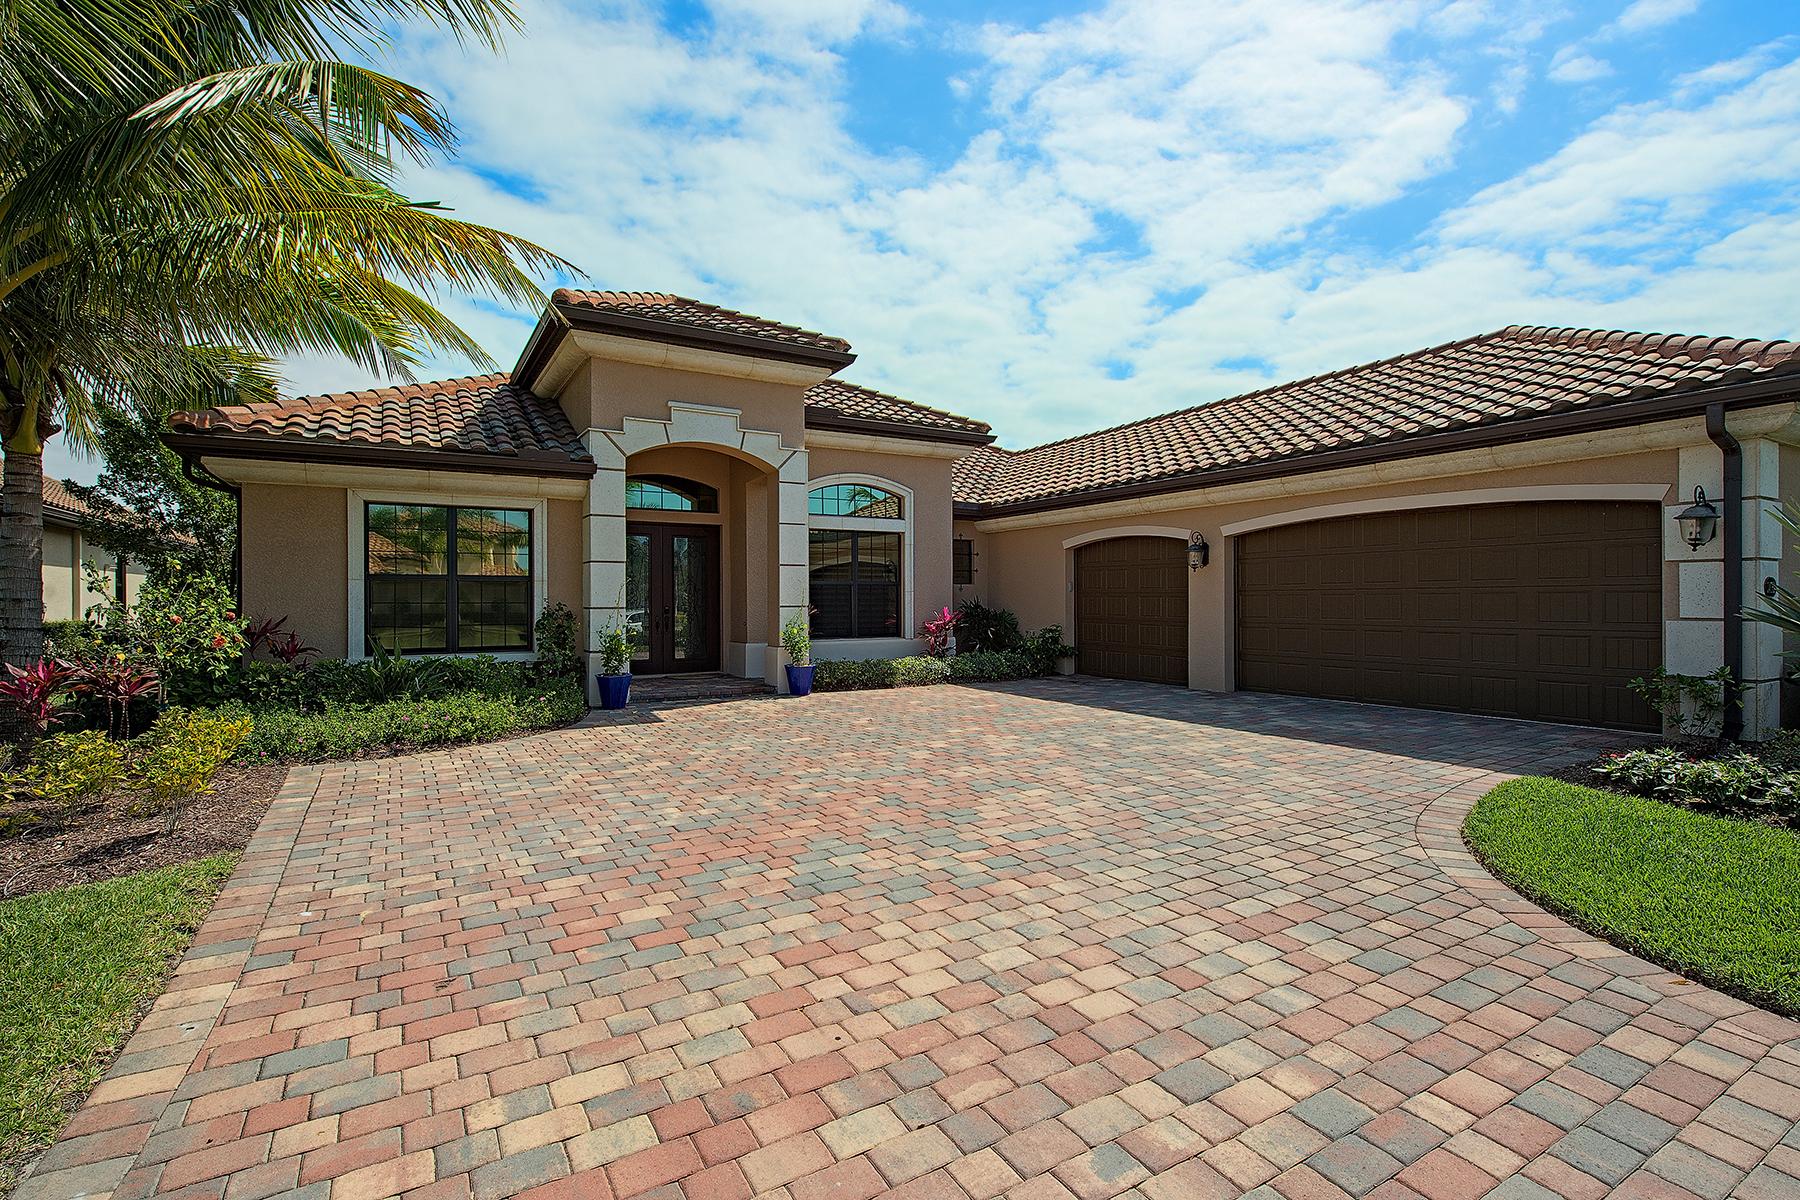 一戸建て のために 売買 アット FIDDLERS CREEK 3418 Runaway Ct Naples, フロリダ, 34114 アメリカ合衆国